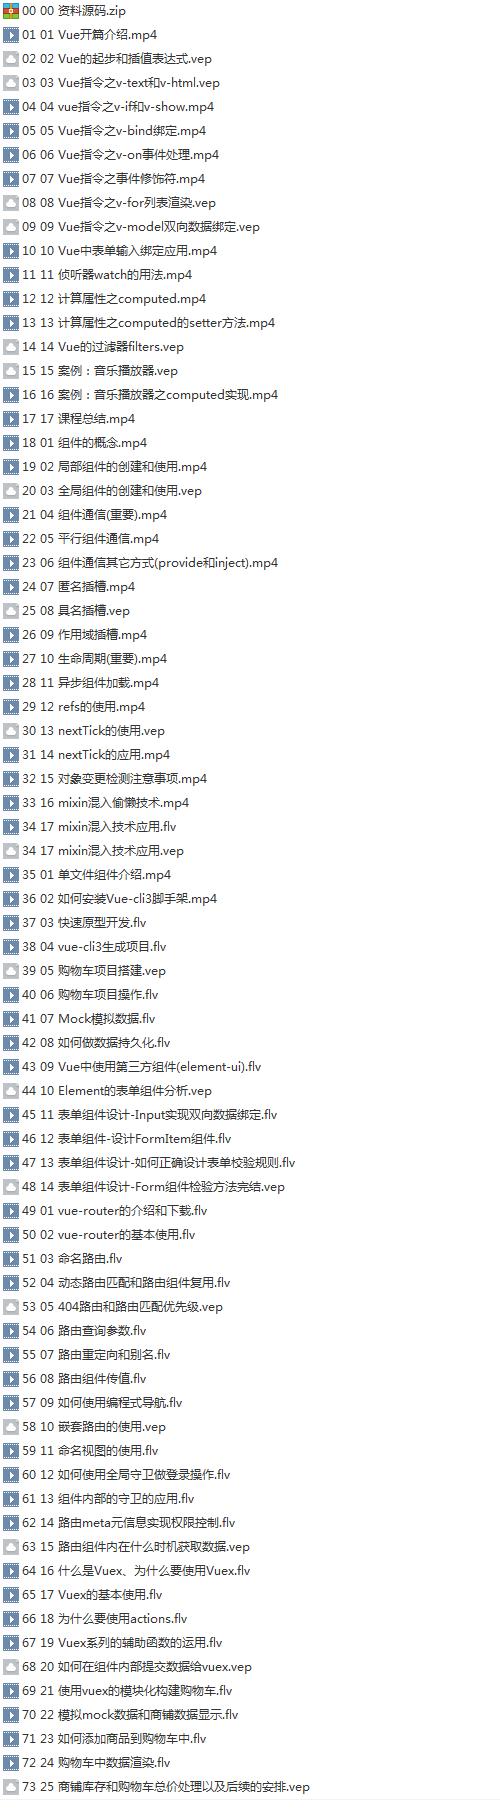 23套前端Vue.js项目实战全栈开发入门到精通源码解析高级实战视频教程插图(3)